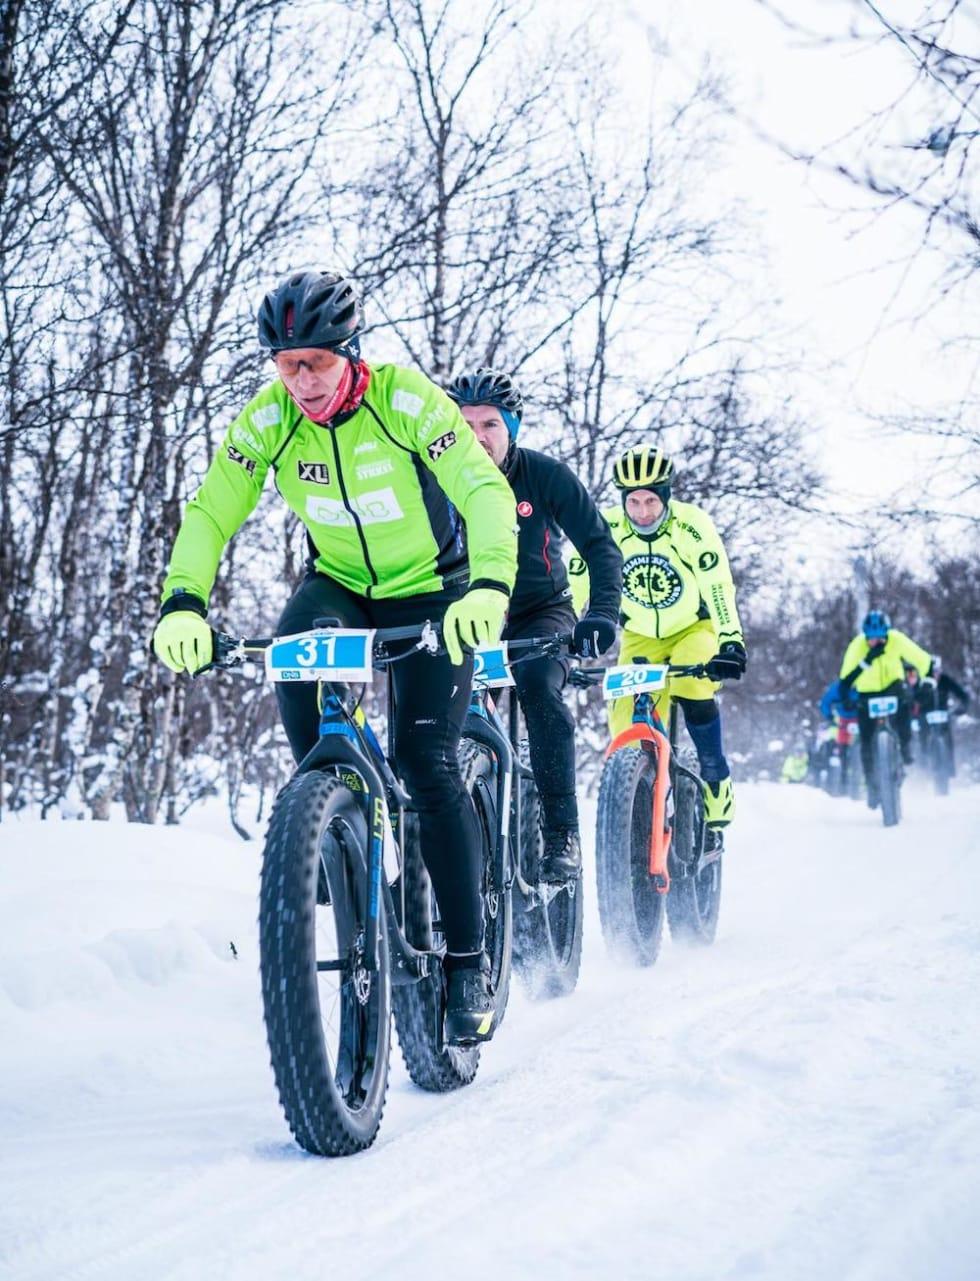 Alf Christian Losvar med Øyvind Klemetsen Bøthun og rittleder Odd Peder Wang-Norderud på hjul under Skaidi fatbike 2018. Foto: Rino Engdal